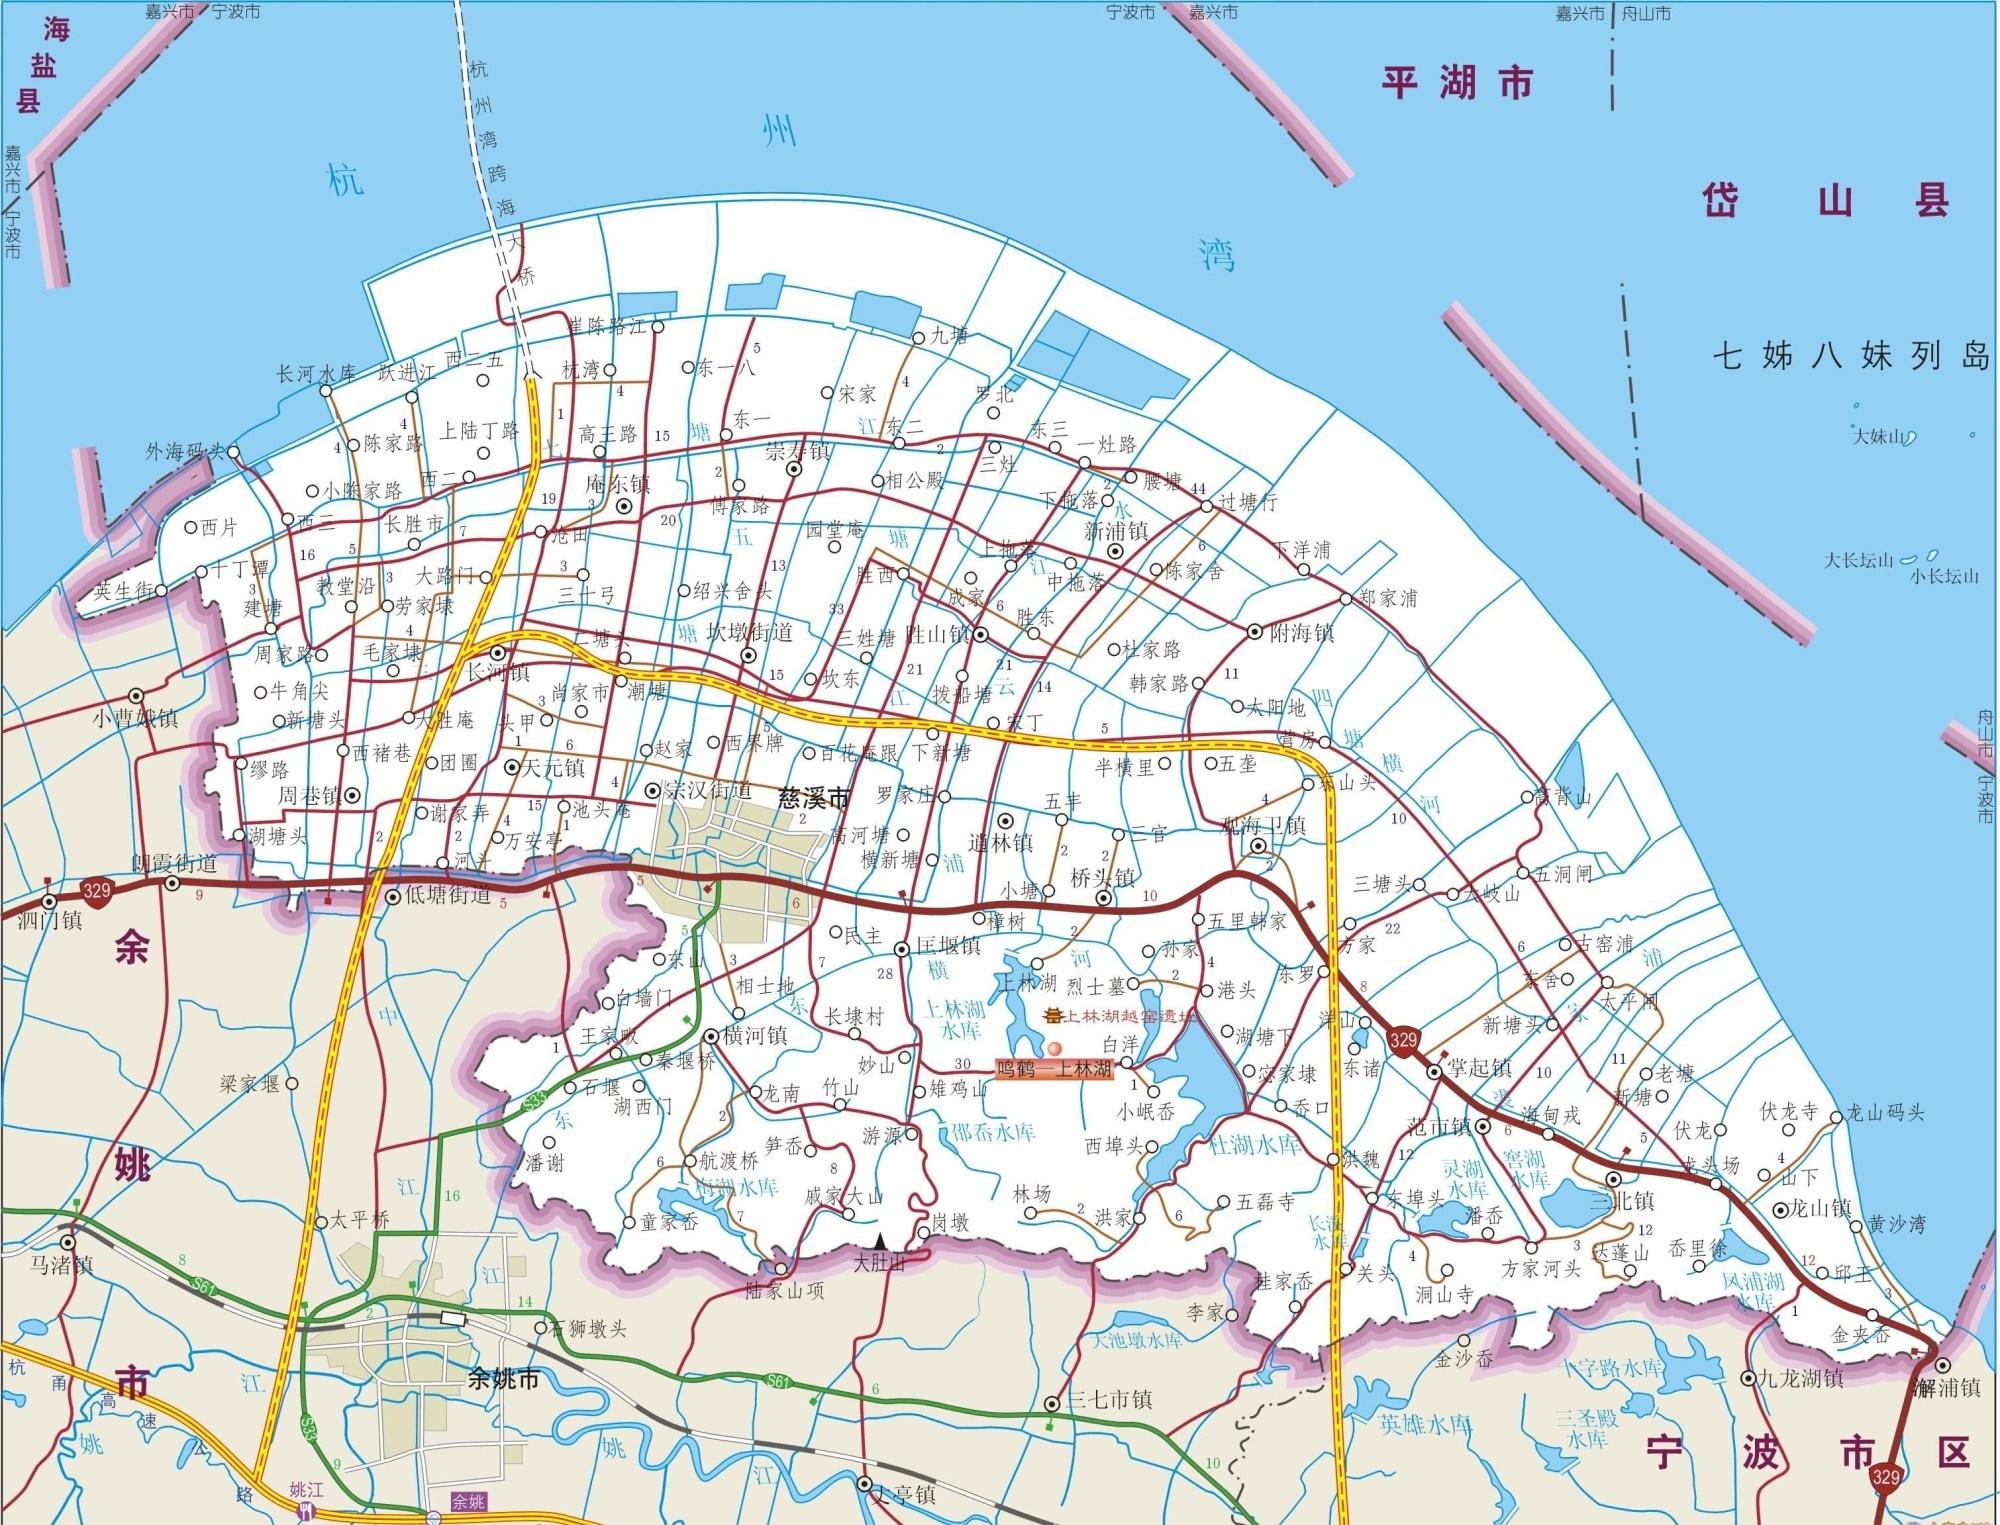 慈溪市地图